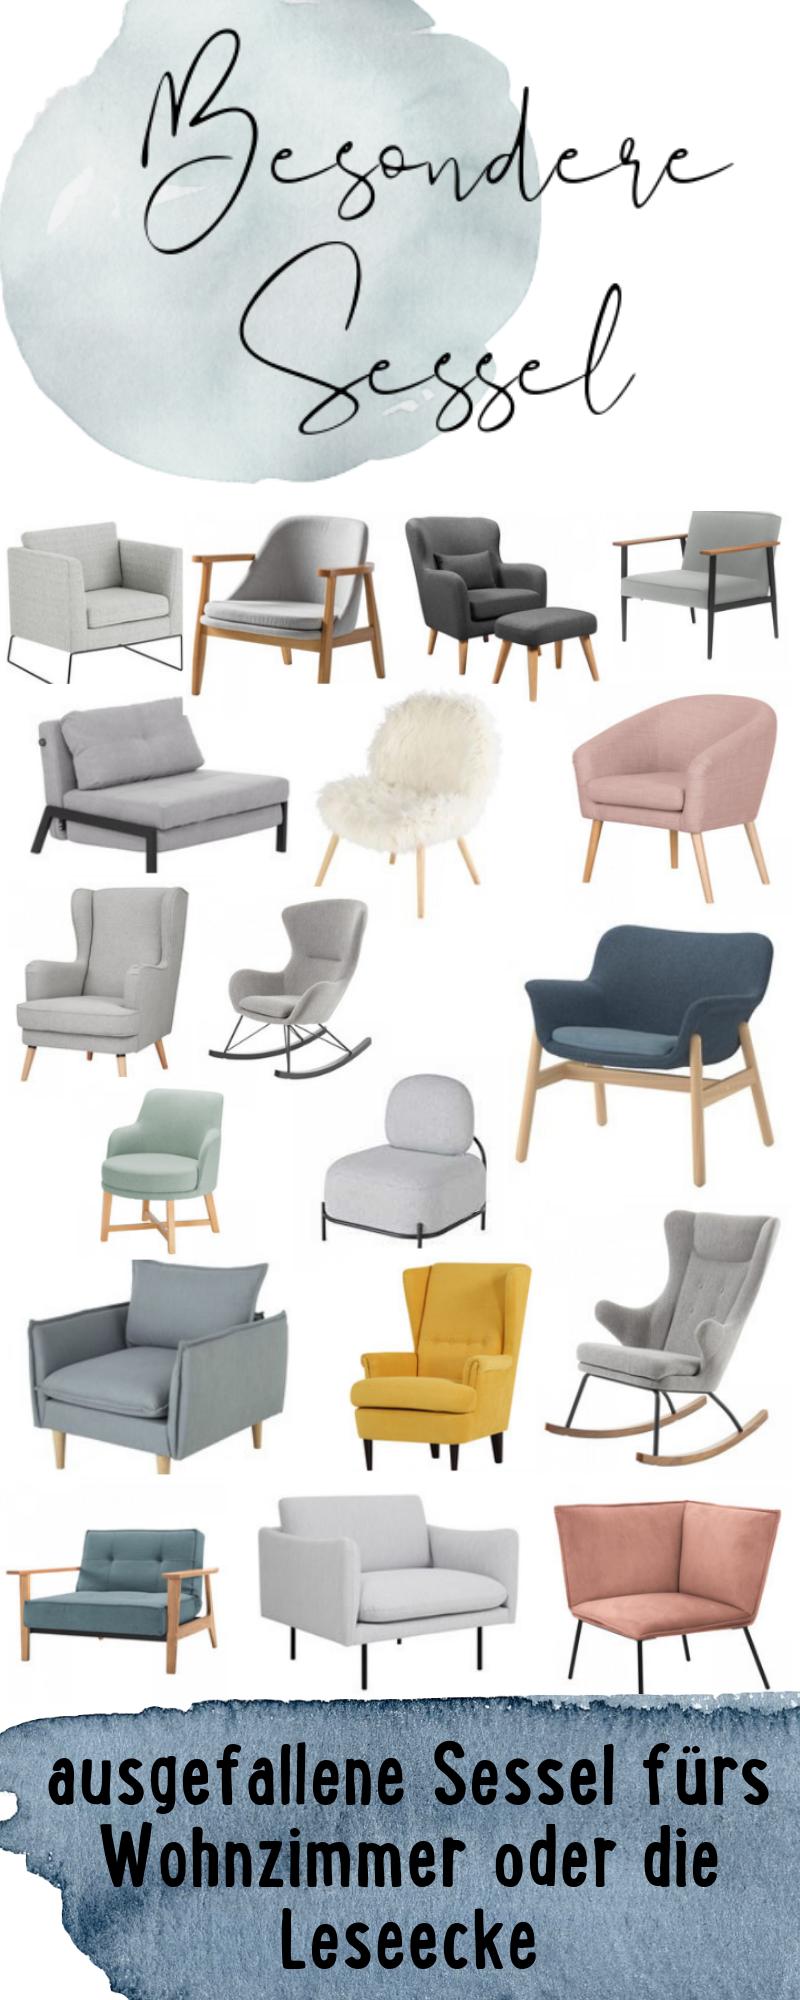 Photo of Besondere Sessel für das Wohnzimmer oder die Leseecke | skandinavische Einrichtung